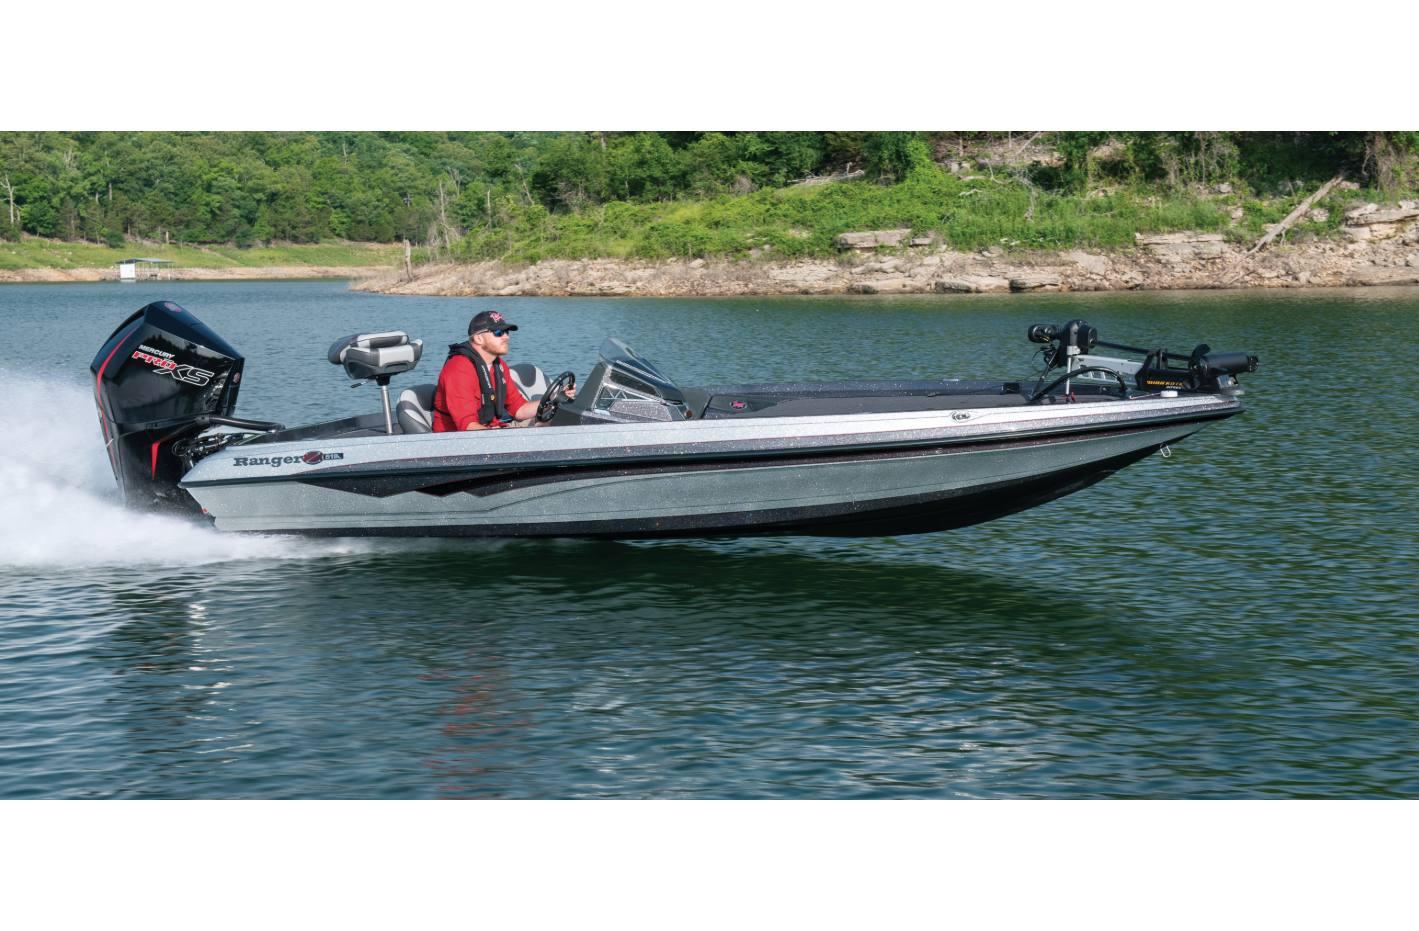 2018 Ranger Z519L for sale in Algonac, MI  Rose Marine